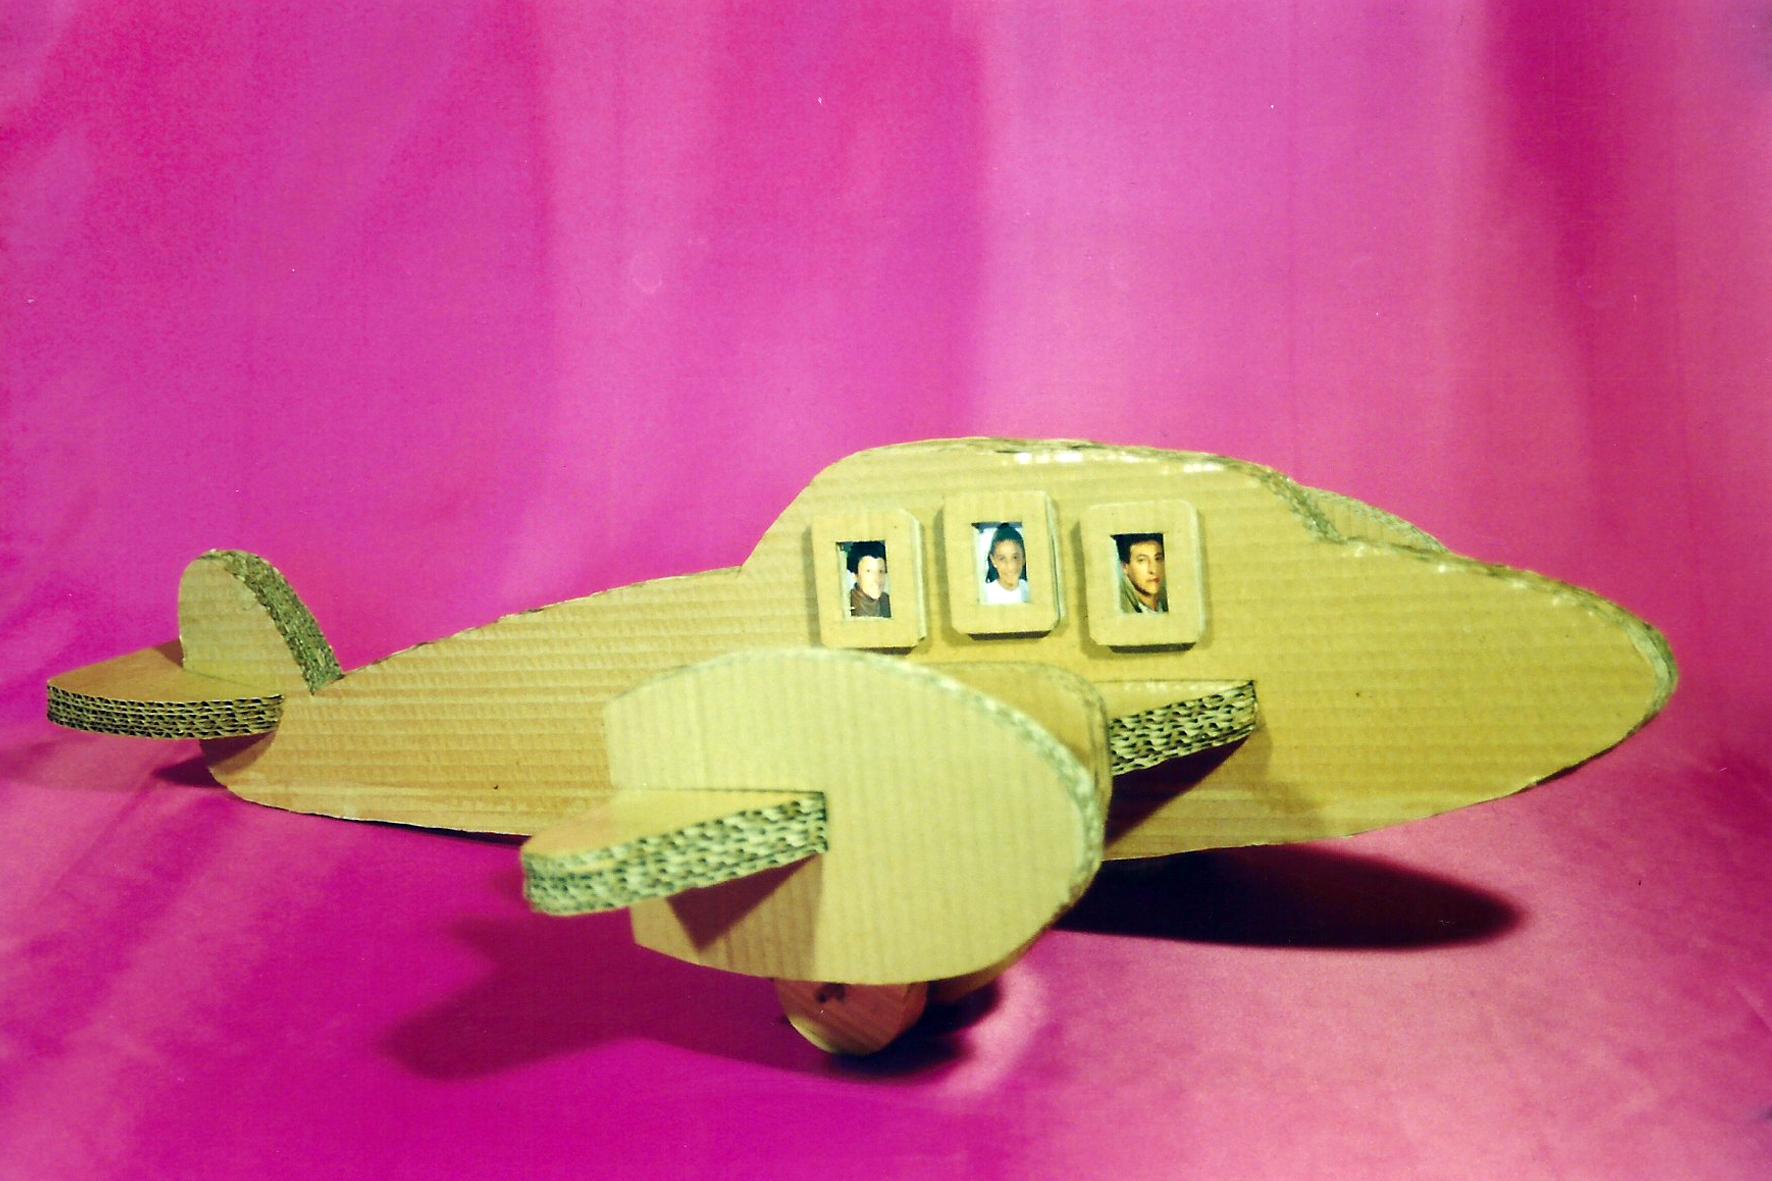 Plantilla Avión de cartón - Recicla y juega